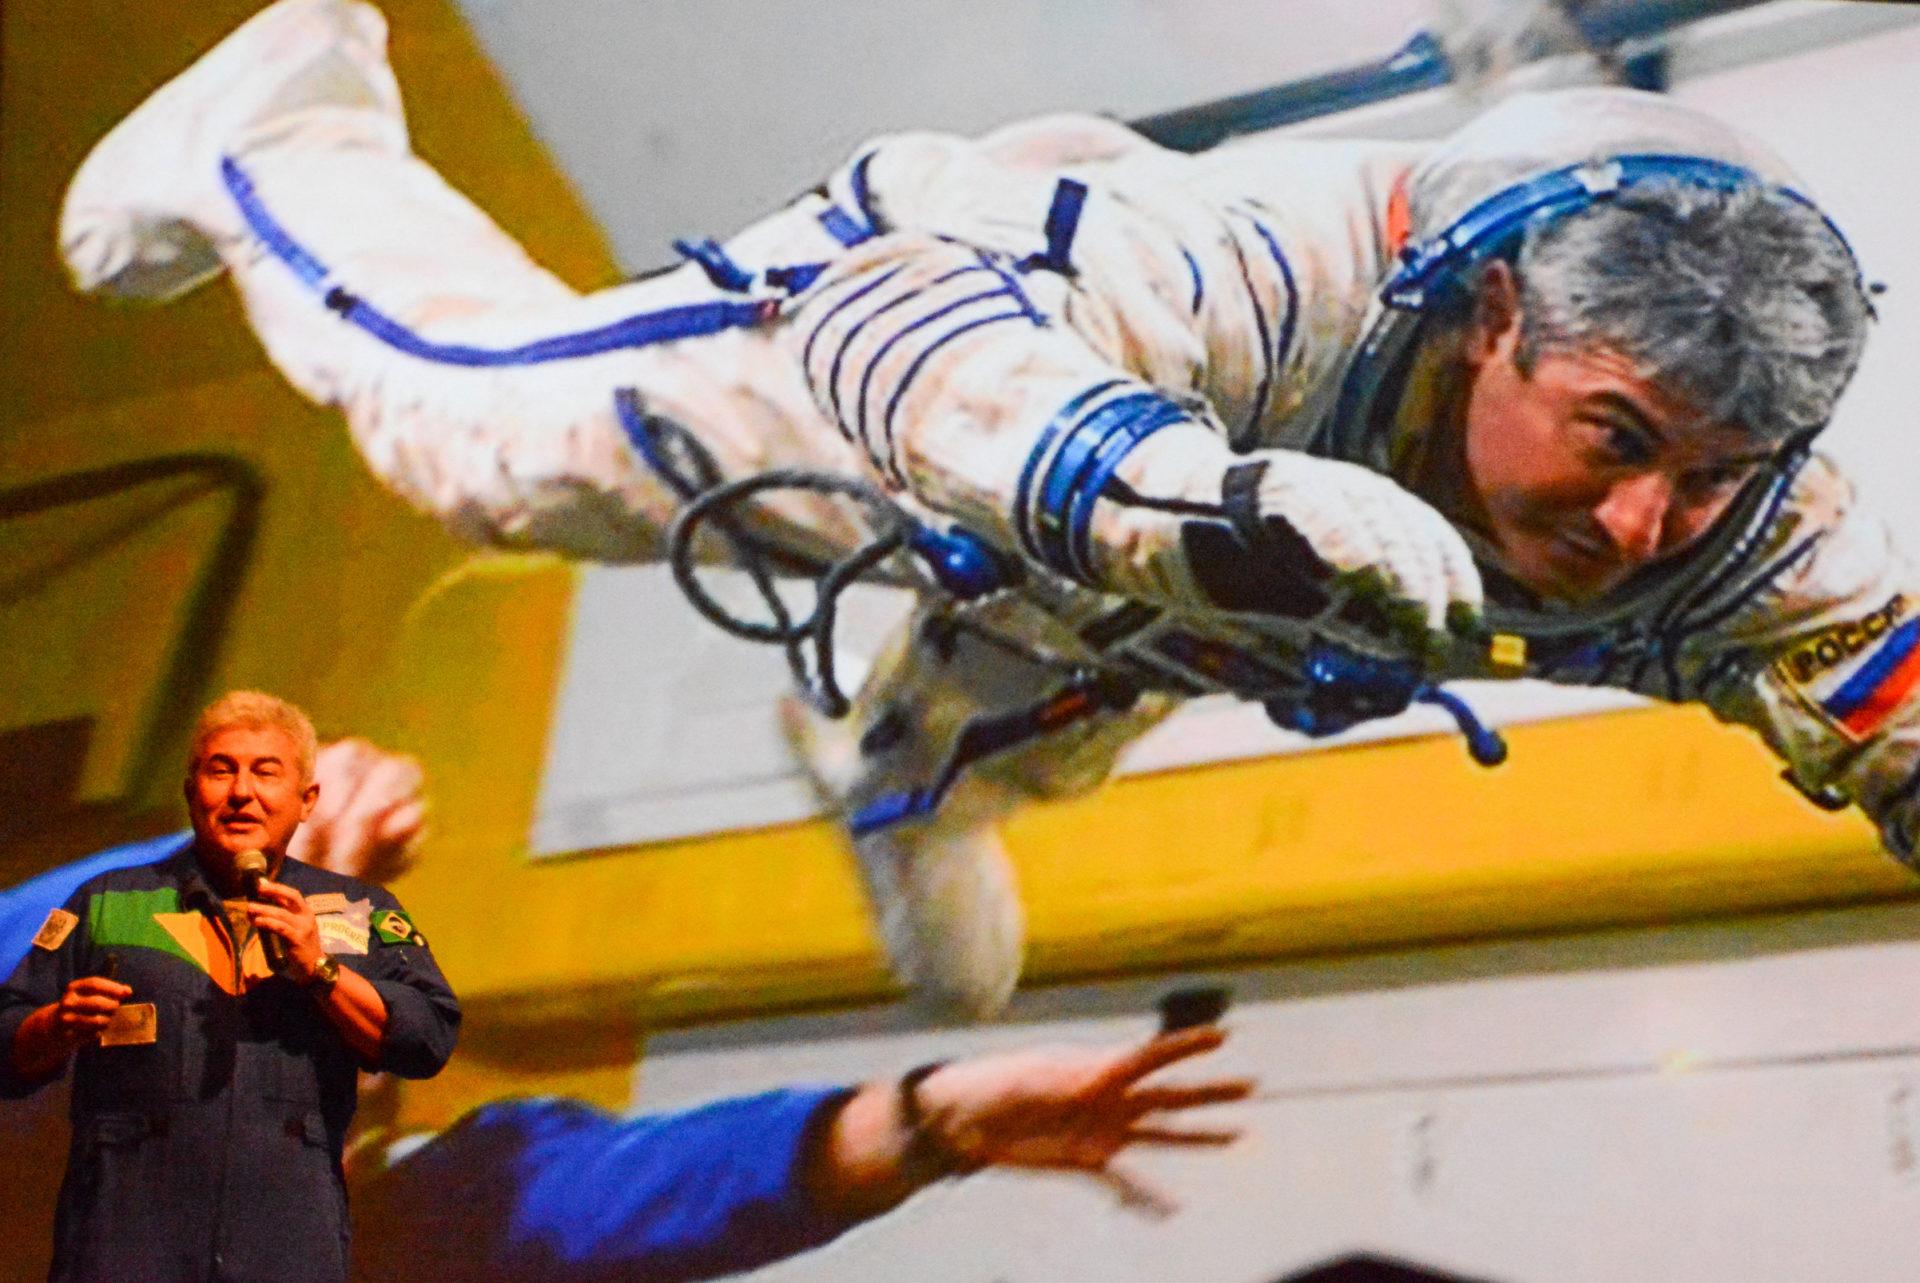 Schwebezustand: Astronaut beim Lunch in Florida